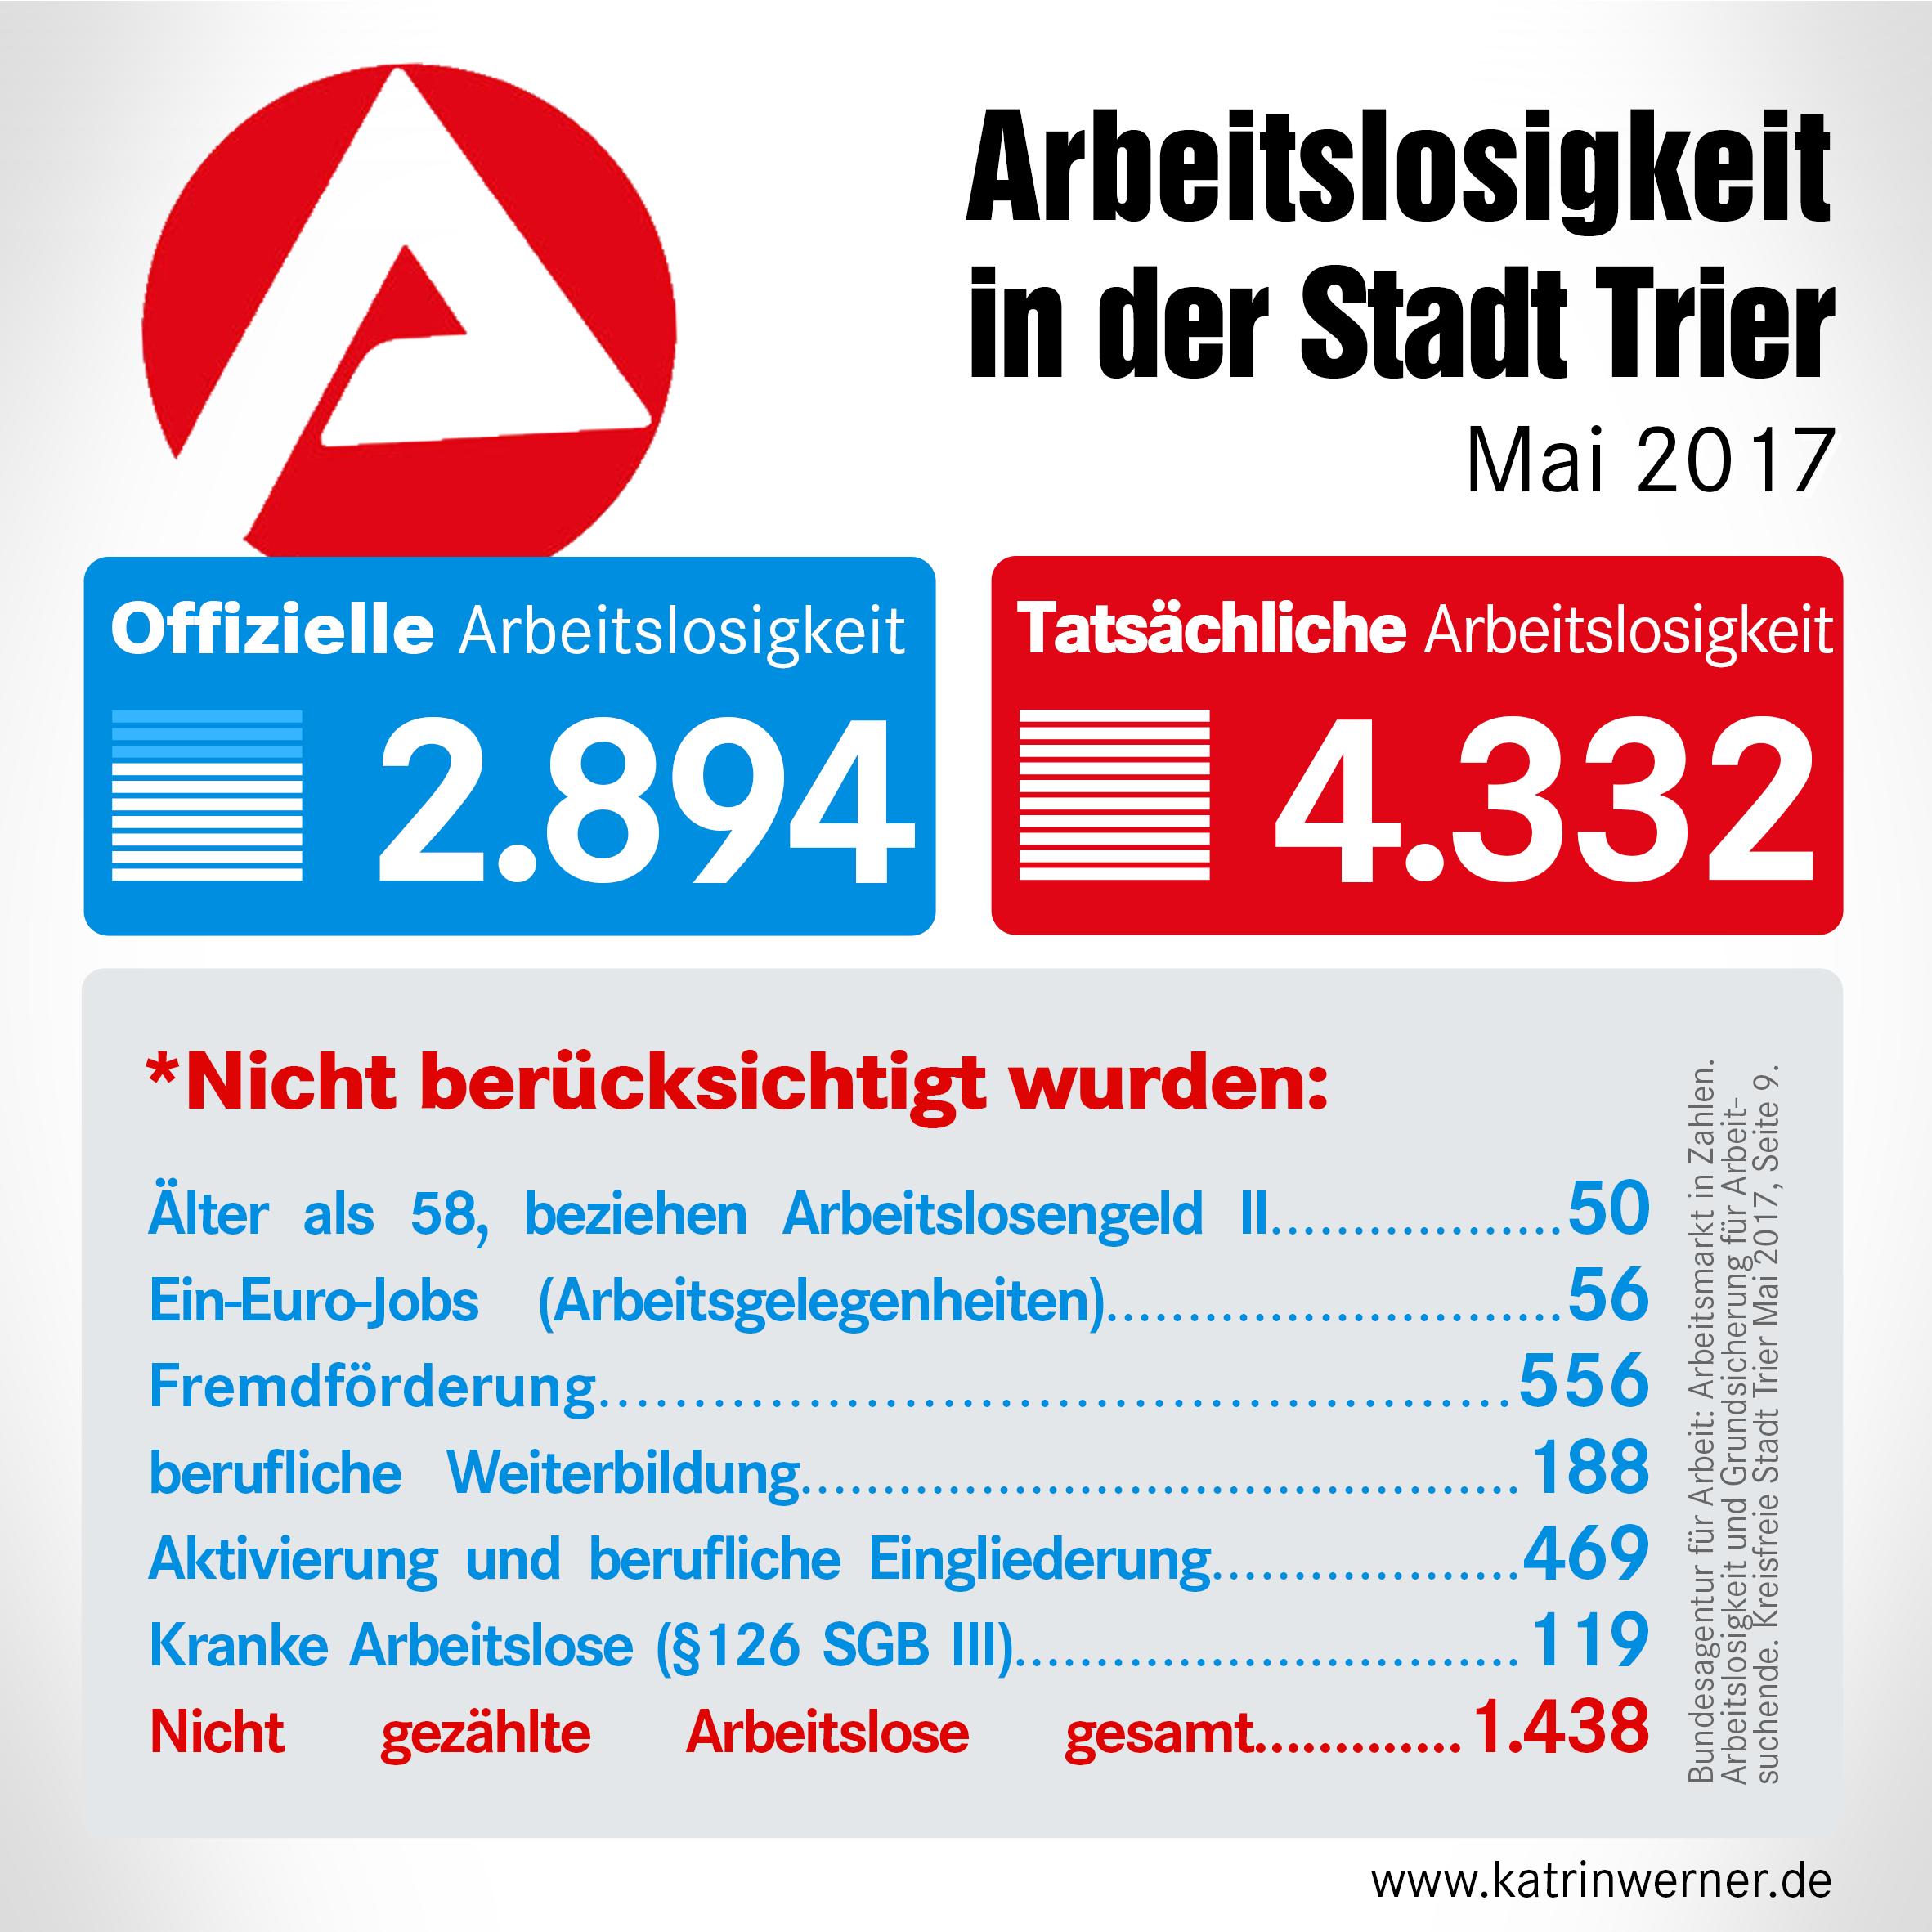 Grafik mit den Zahlen der offiziellen und tatsächlichen Arbeitslosigkeit in Trier